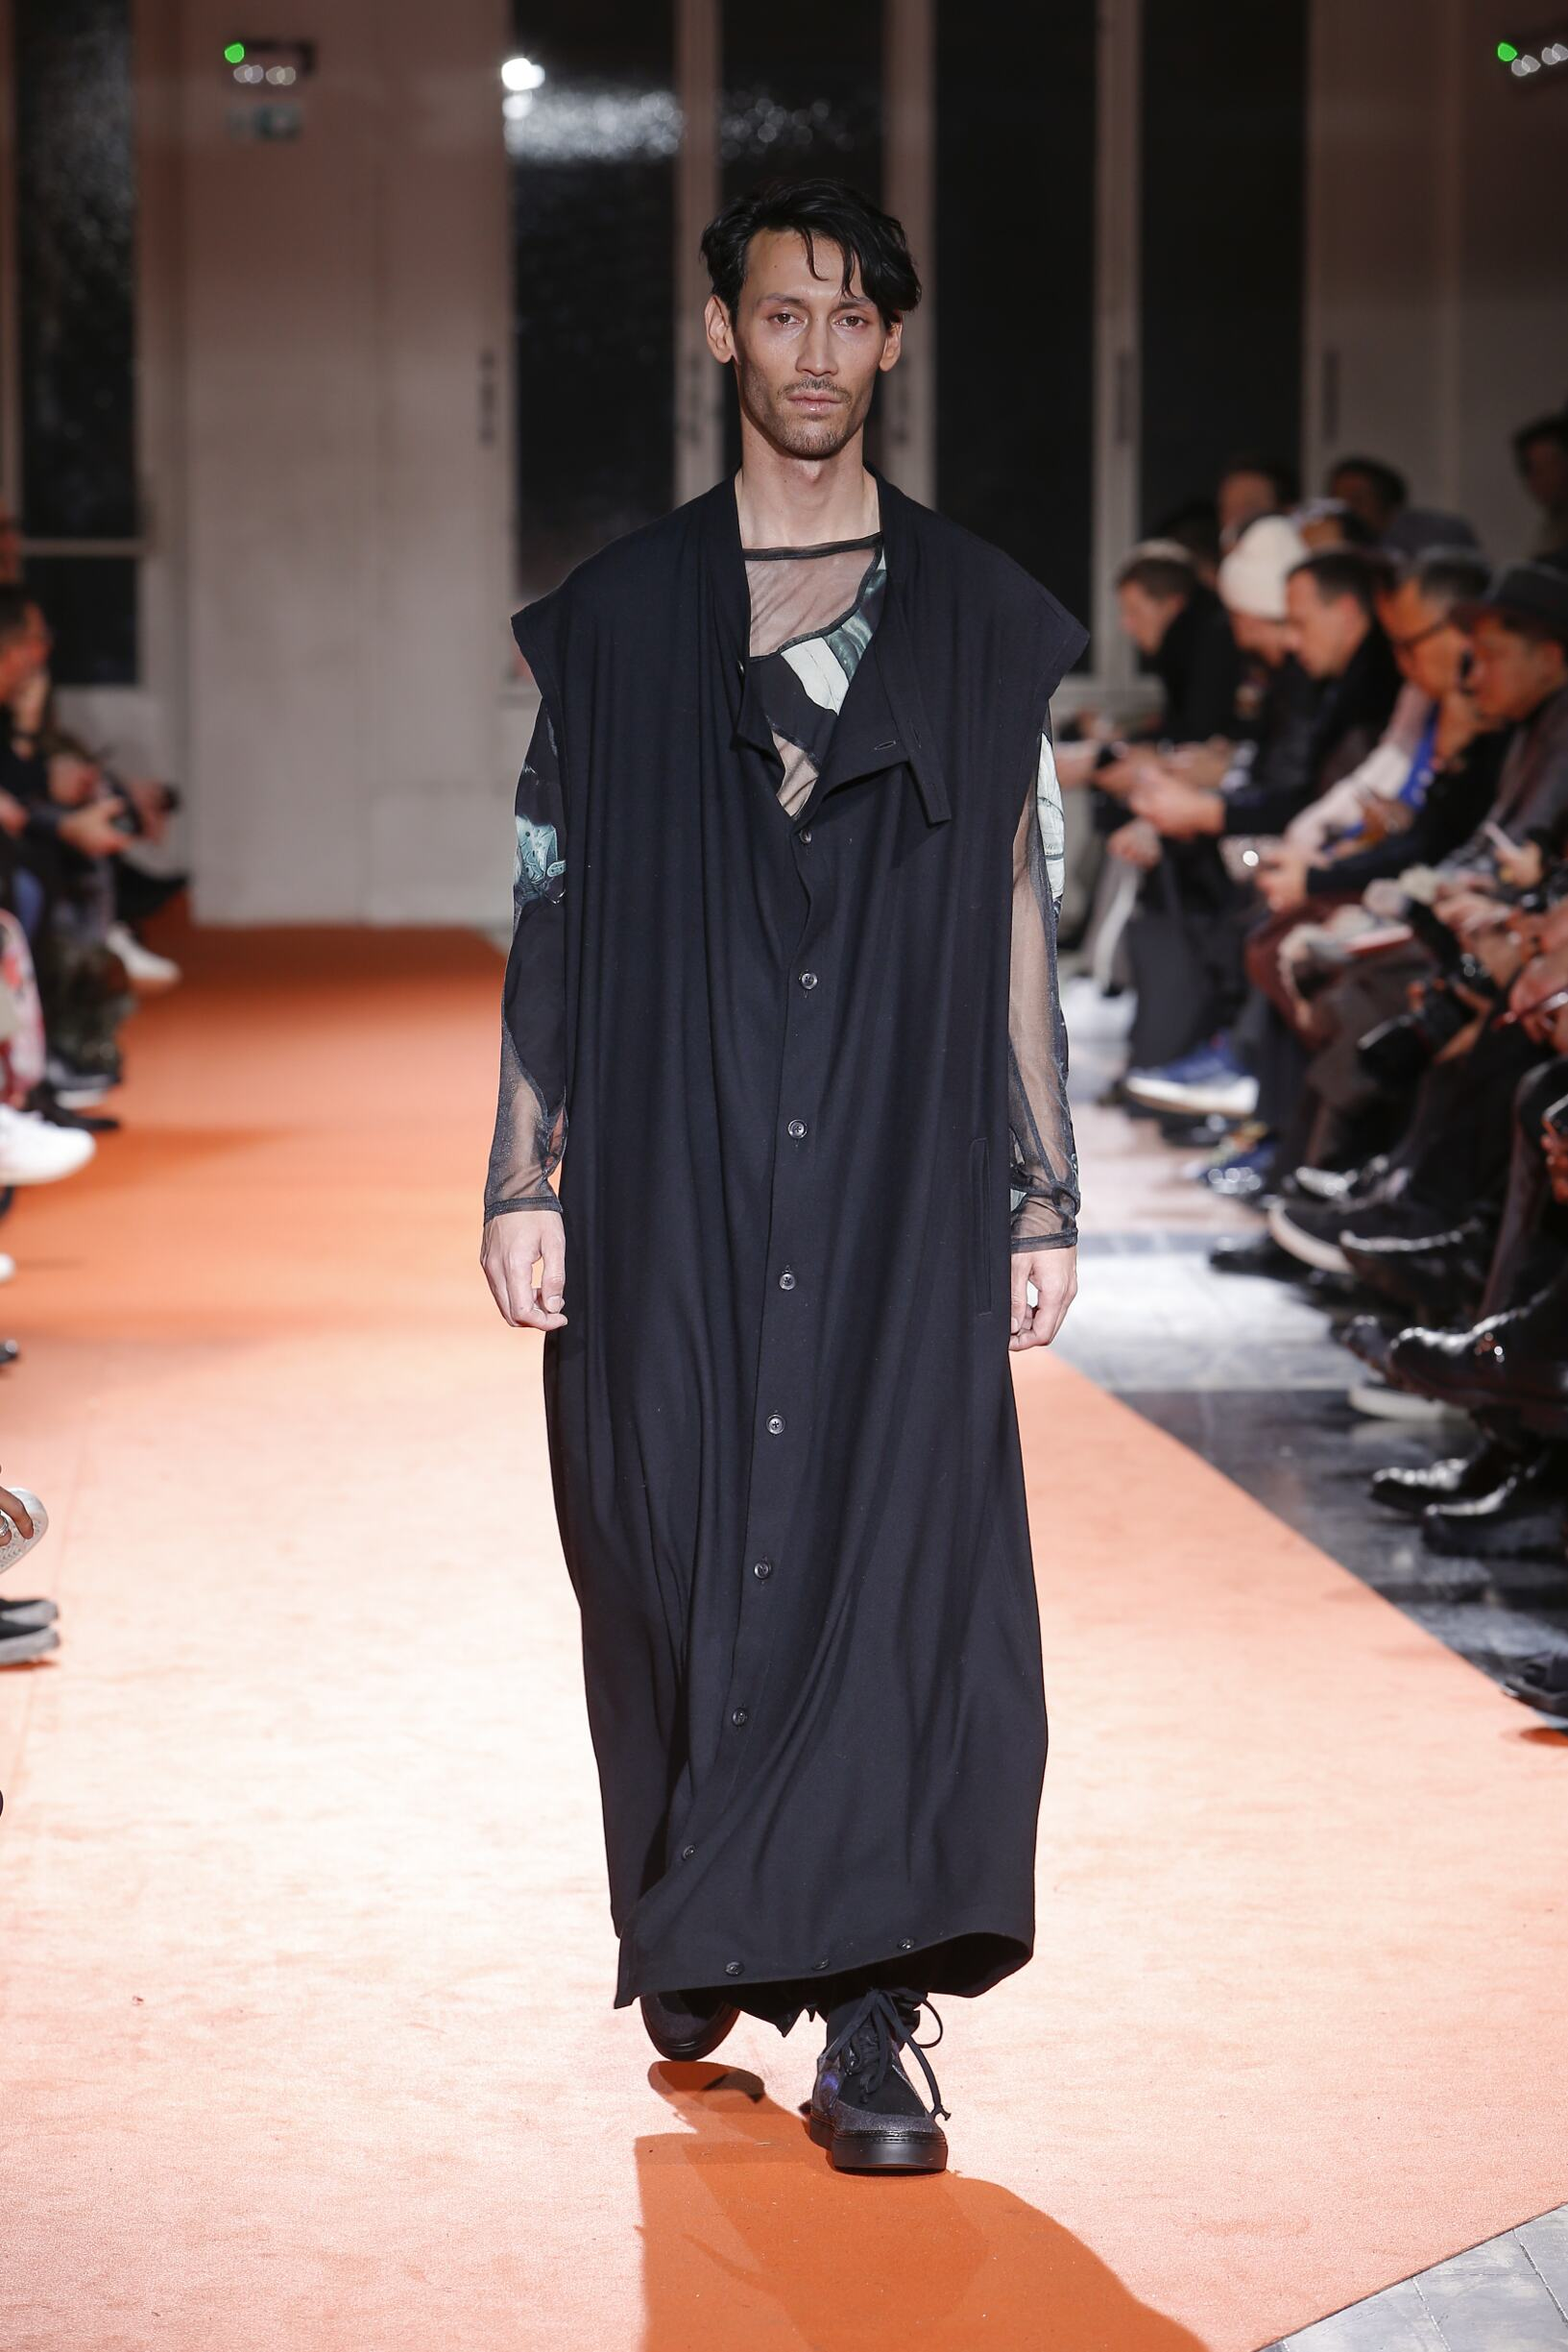 Catwalk Yohji Yamamoto Man Fashion Show Winter 2018